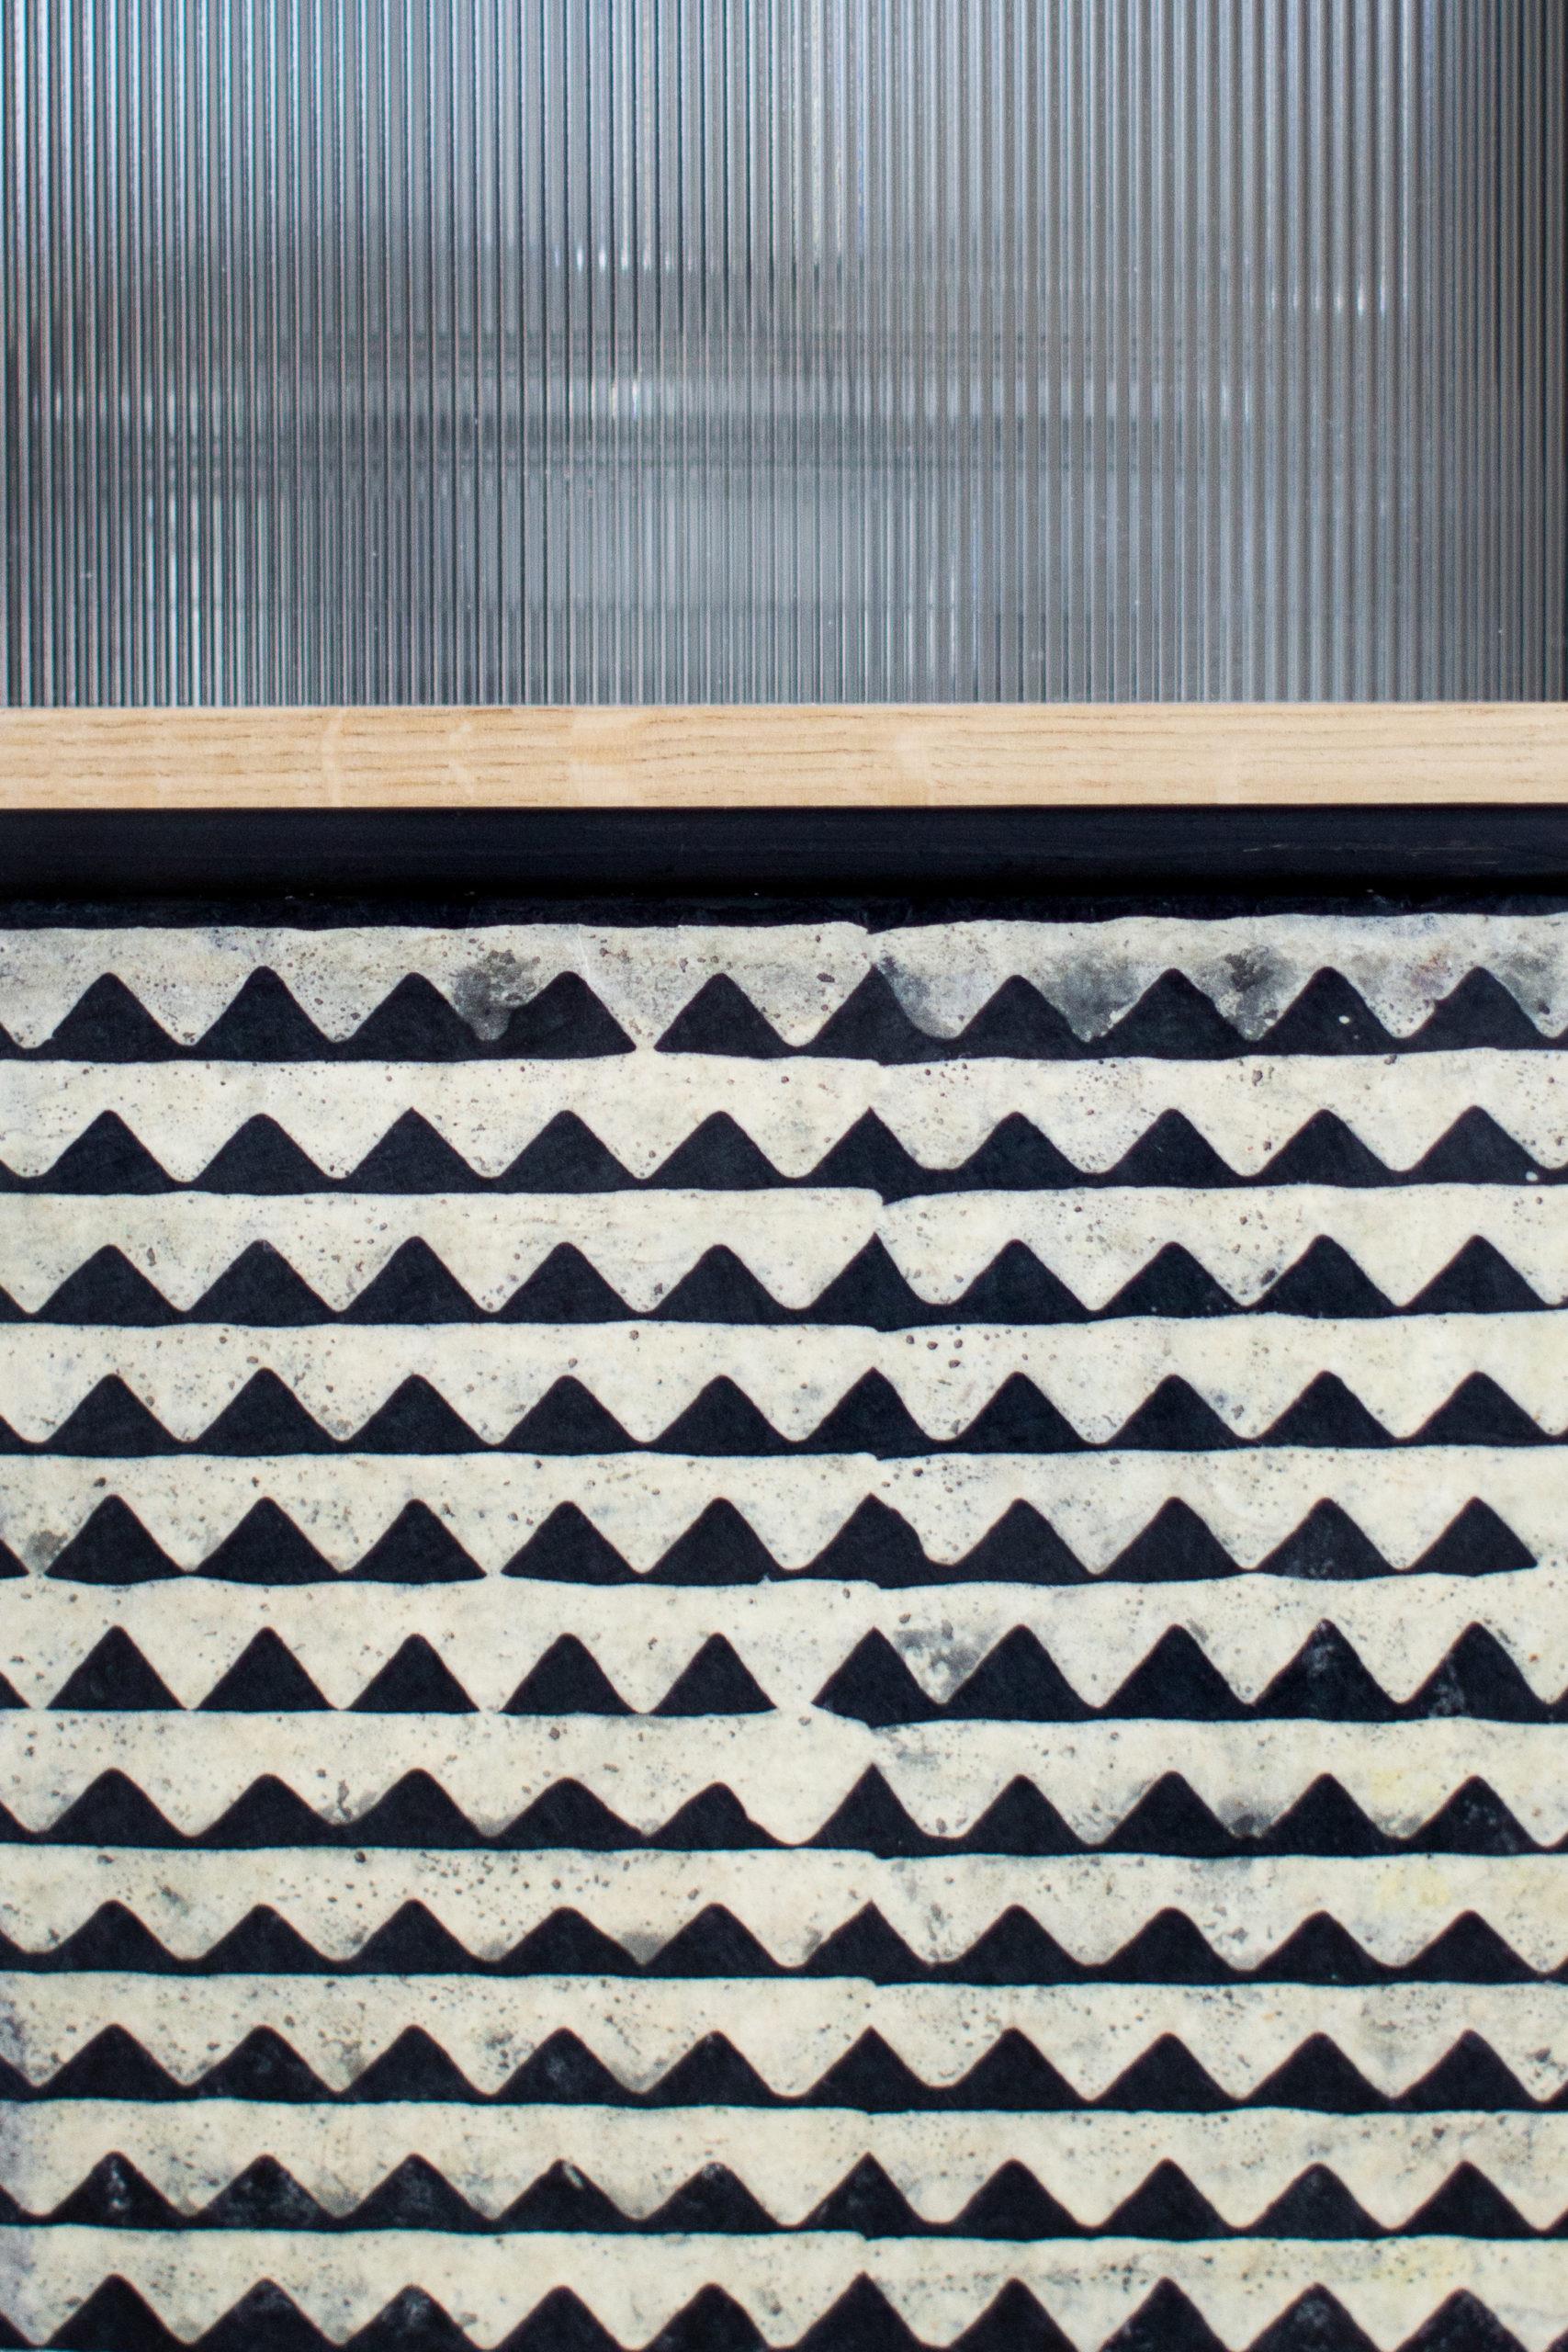 Papier-peint Le Monde Sauvage - Architecte d'intérieur Studio Mariekke - Paris